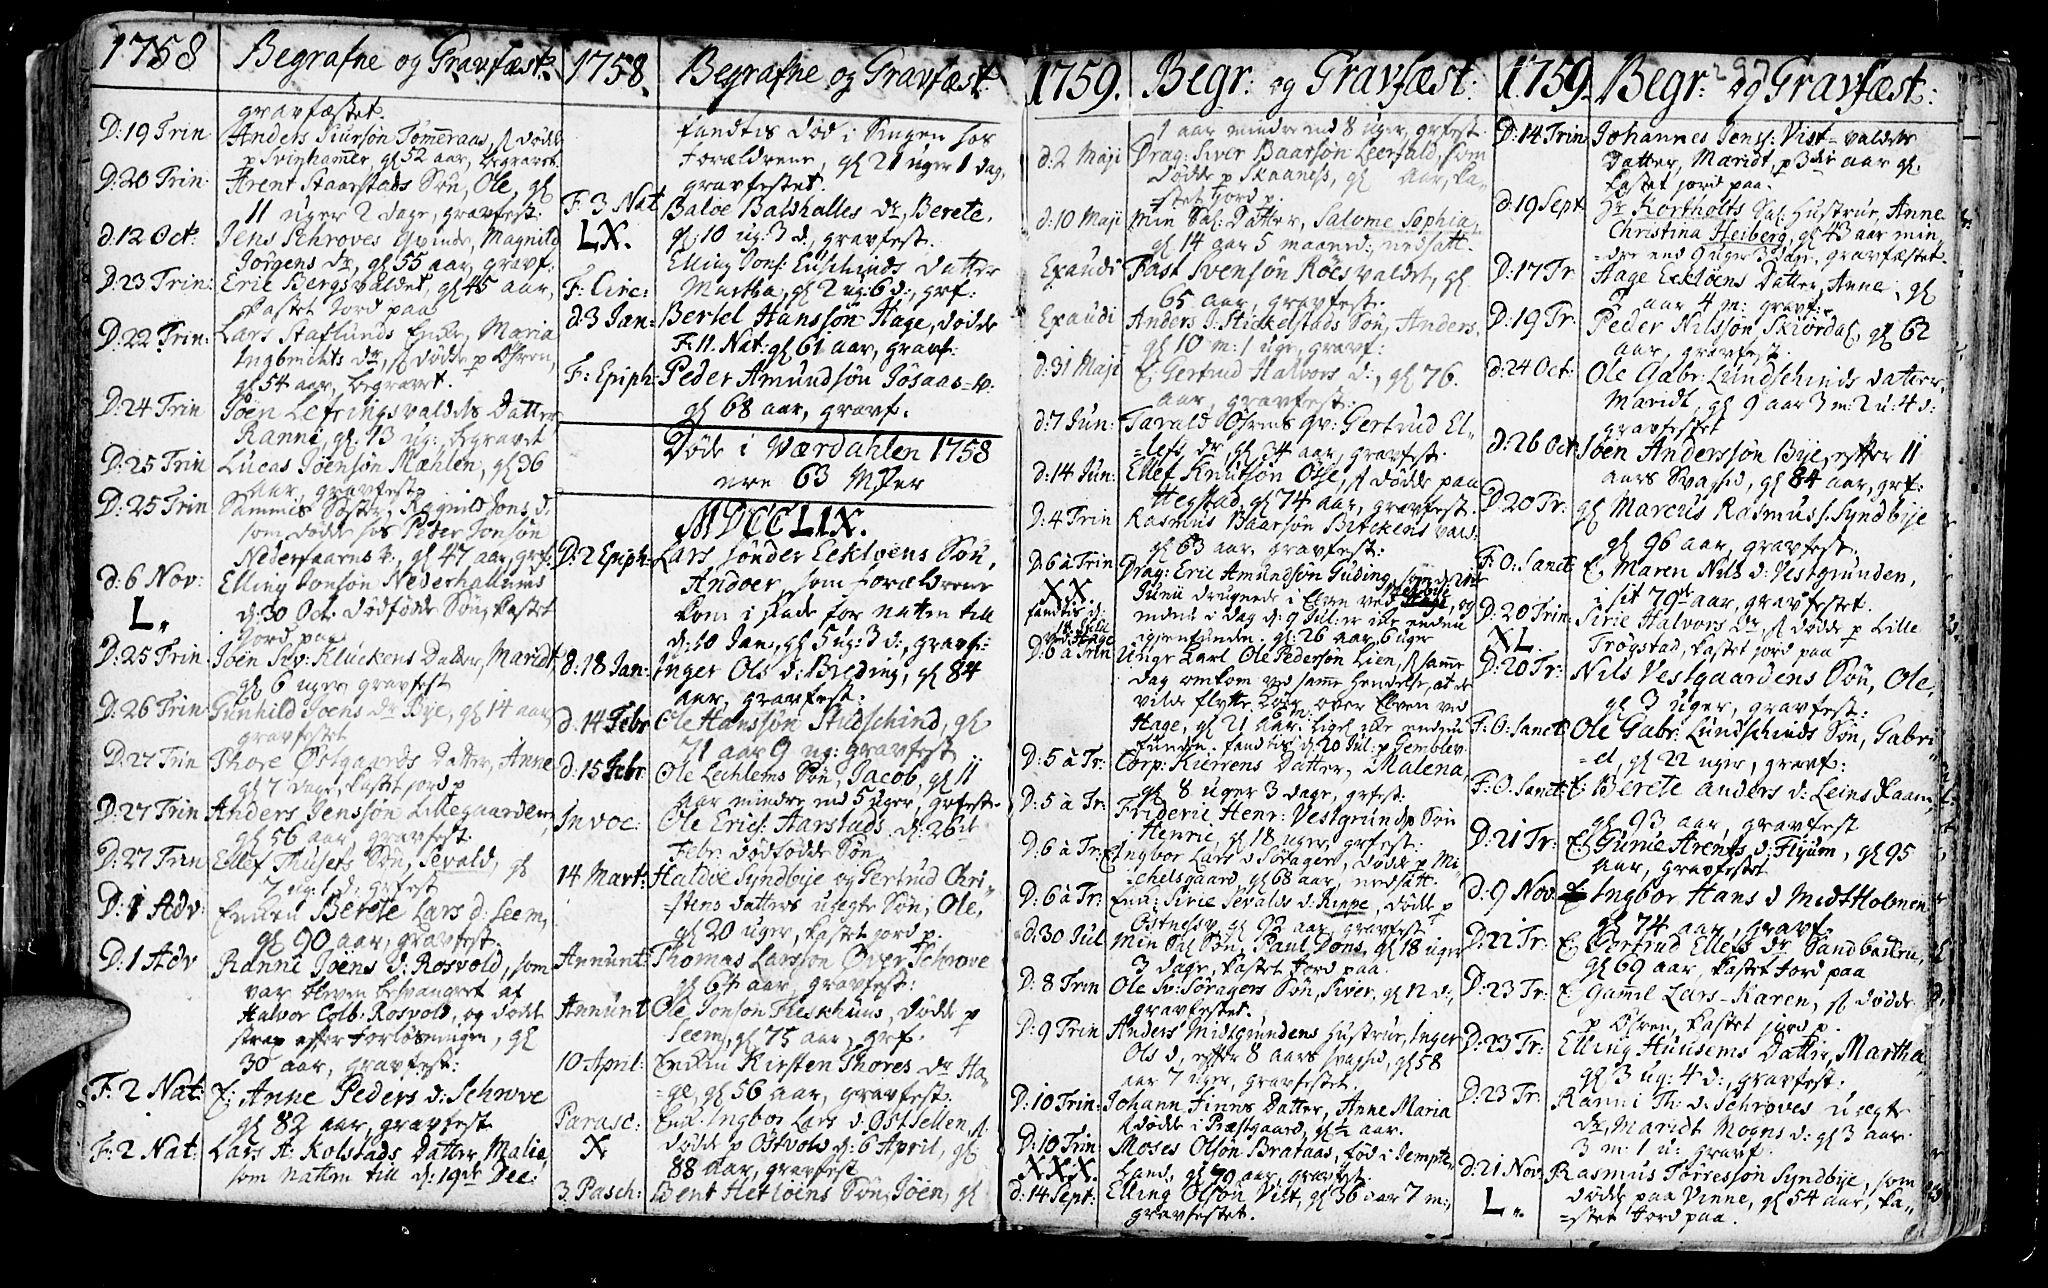 SAT, Ministerialprotokoller, klokkerbøker og fødselsregistre - Nord-Trøndelag, 723/L0231: Ministerialbok nr. 723A02, 1748-1780, s. 297